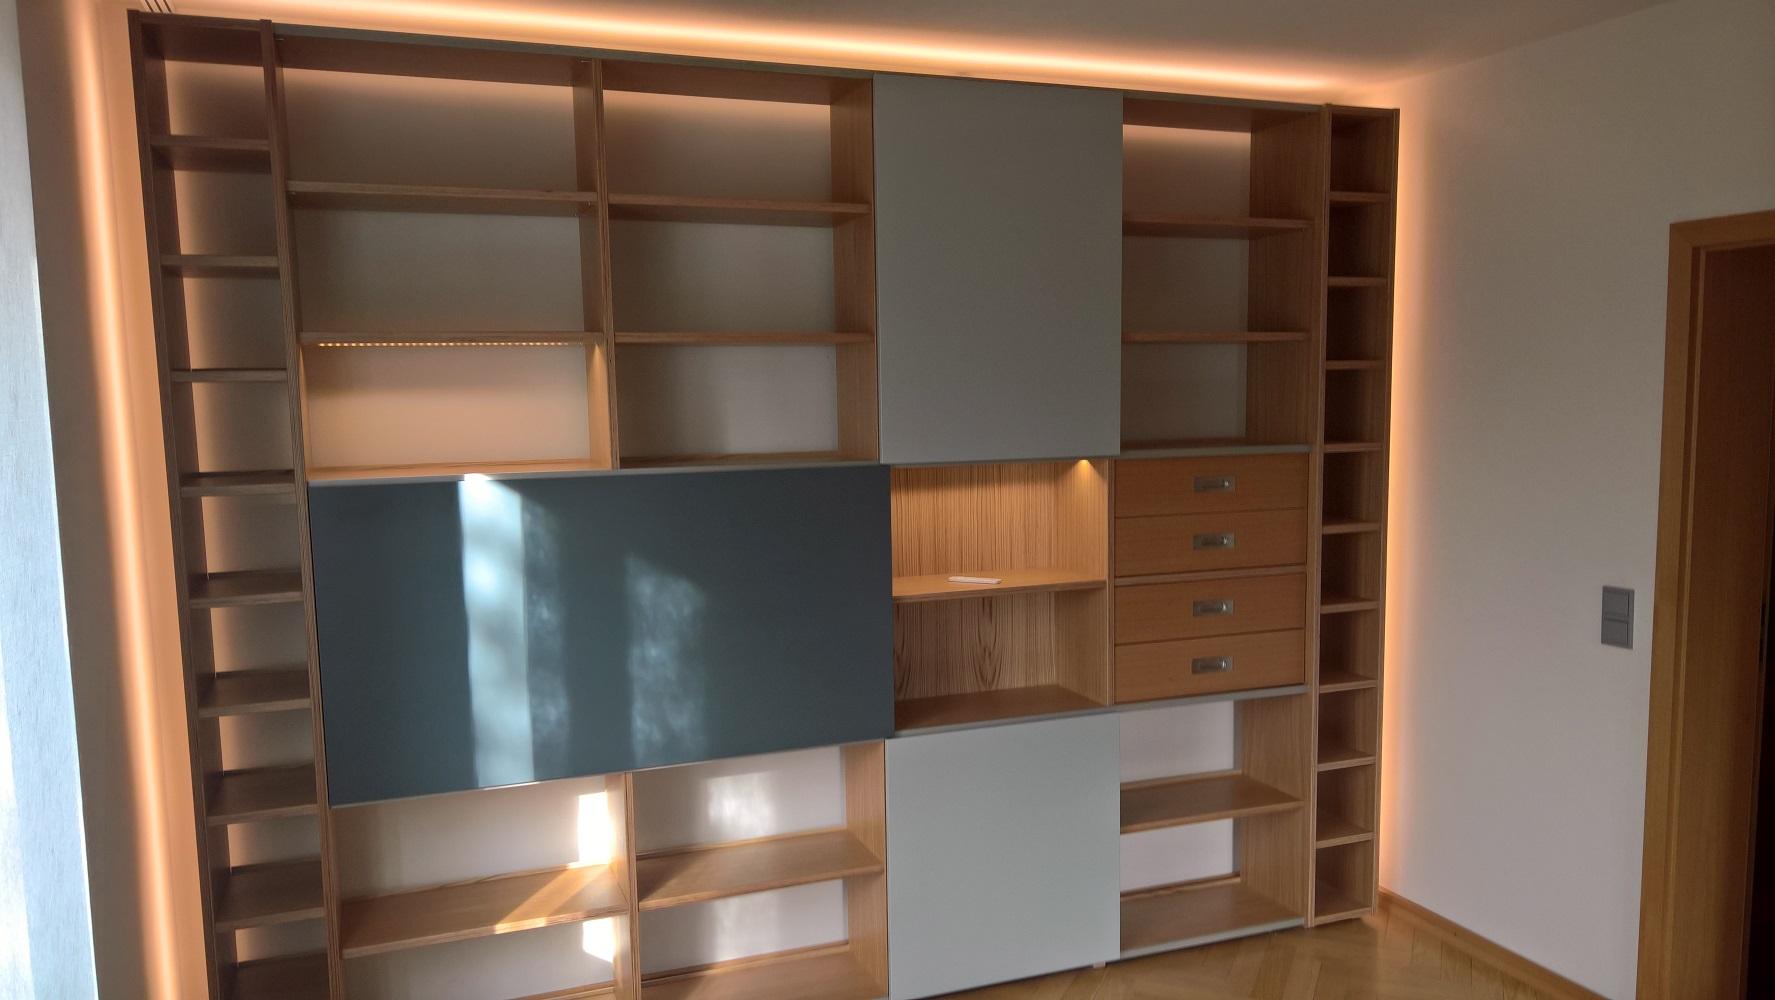 Wohnzimmermöbel in Eiche | Tischlerei Braune